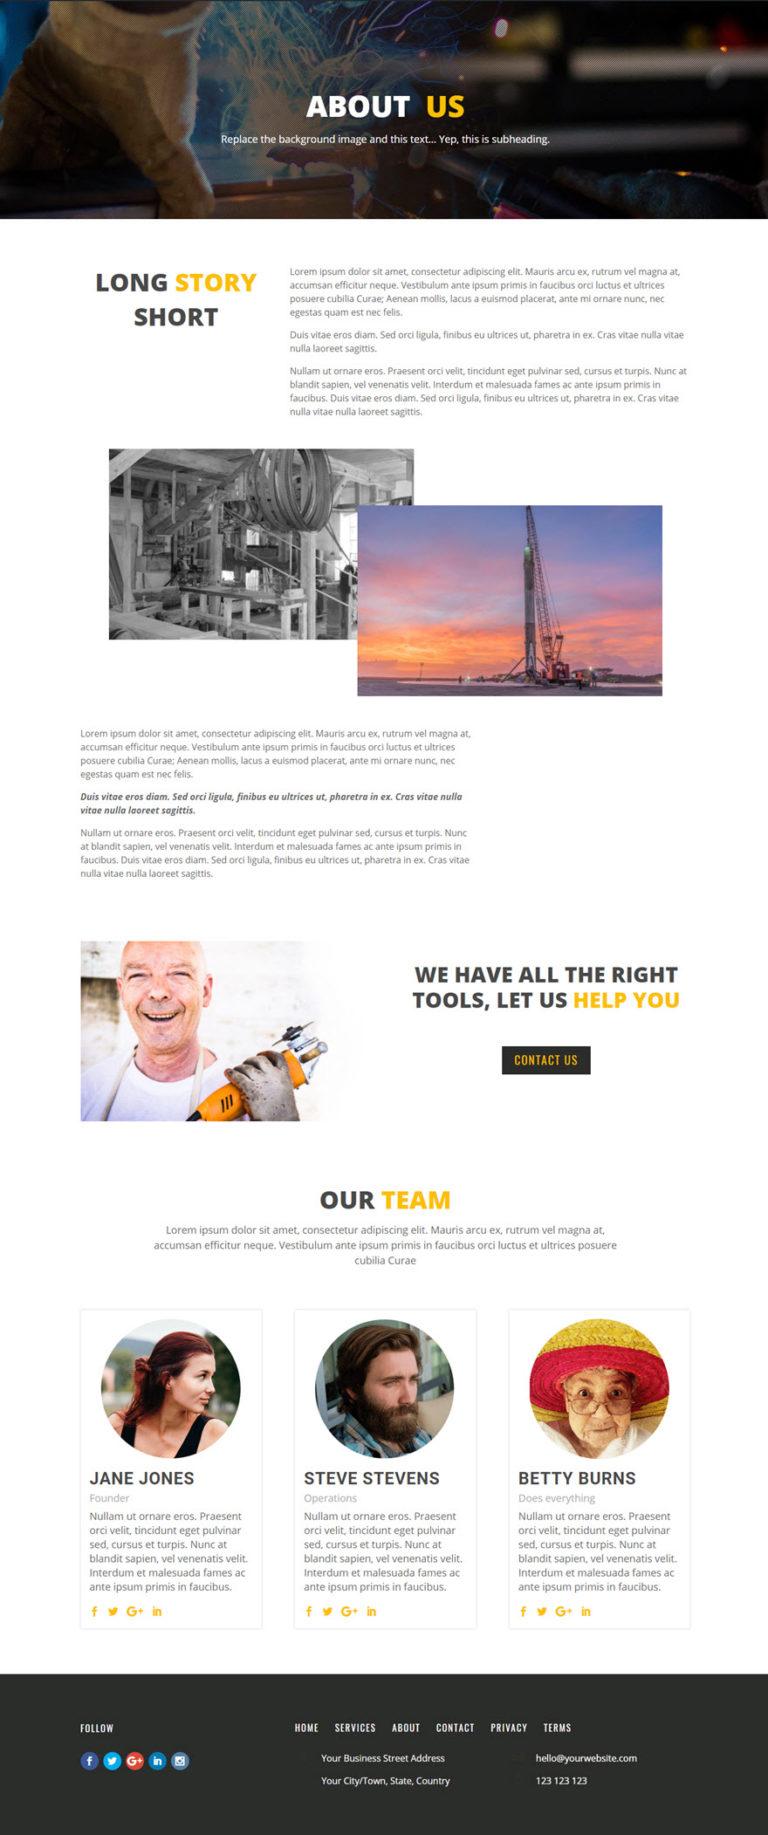 halaman tentang us.jpg